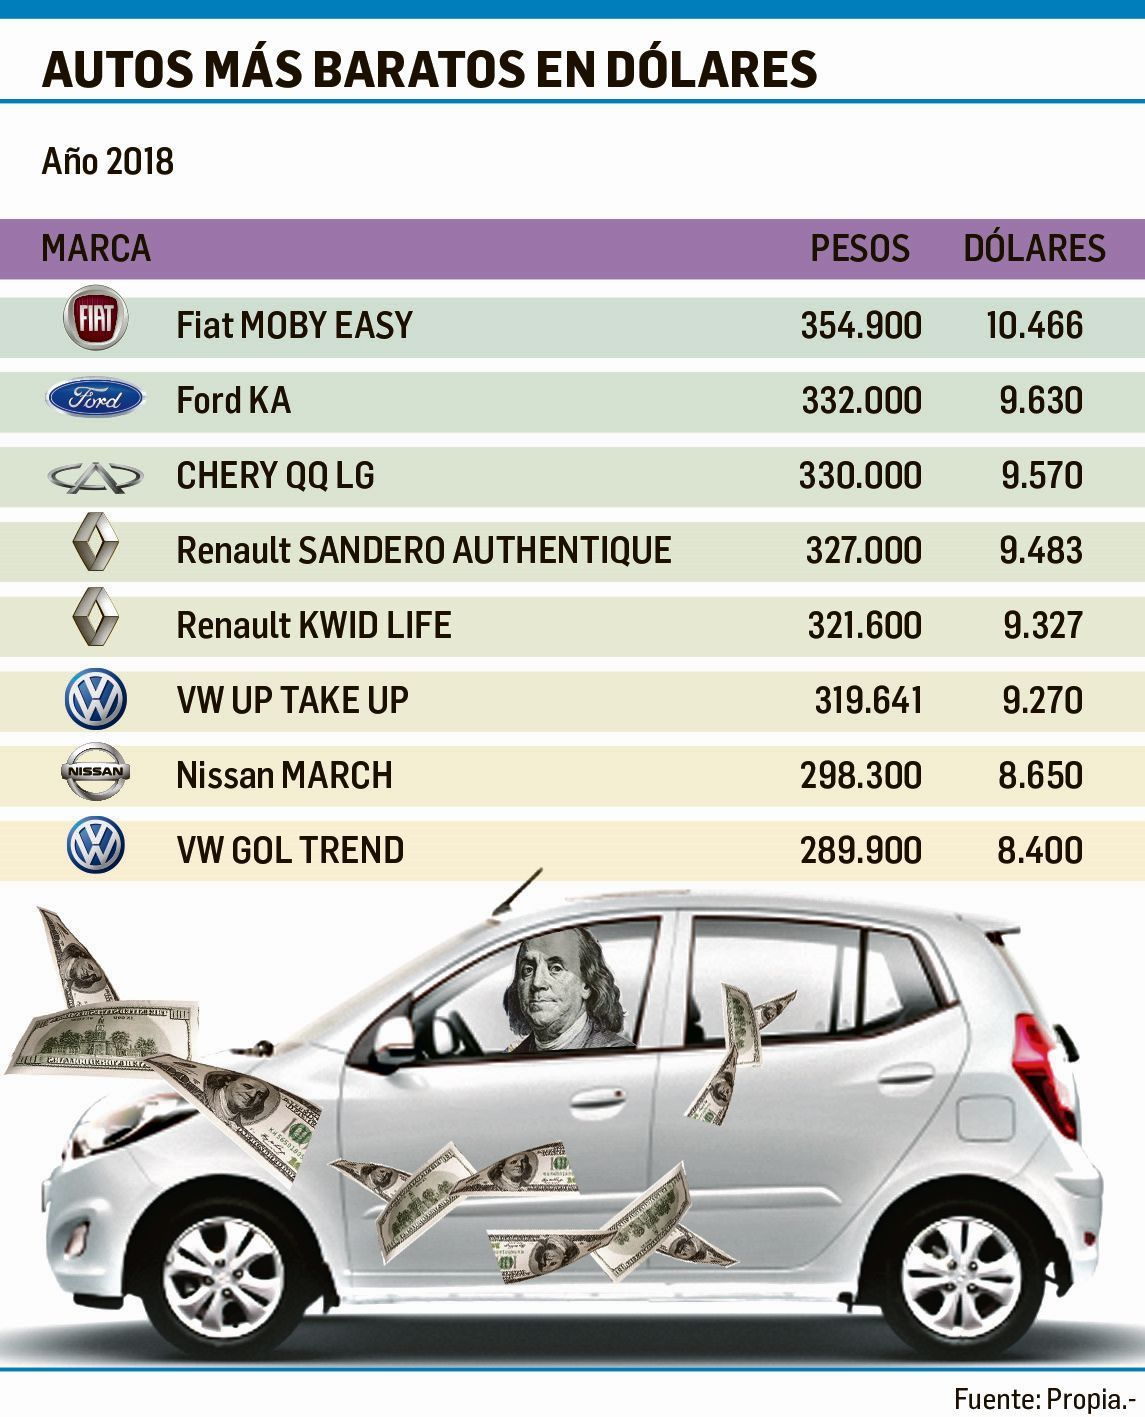 Por la devaluación y la caída de las ventas  hay más autos nuevos a menos de 10 mil dólares